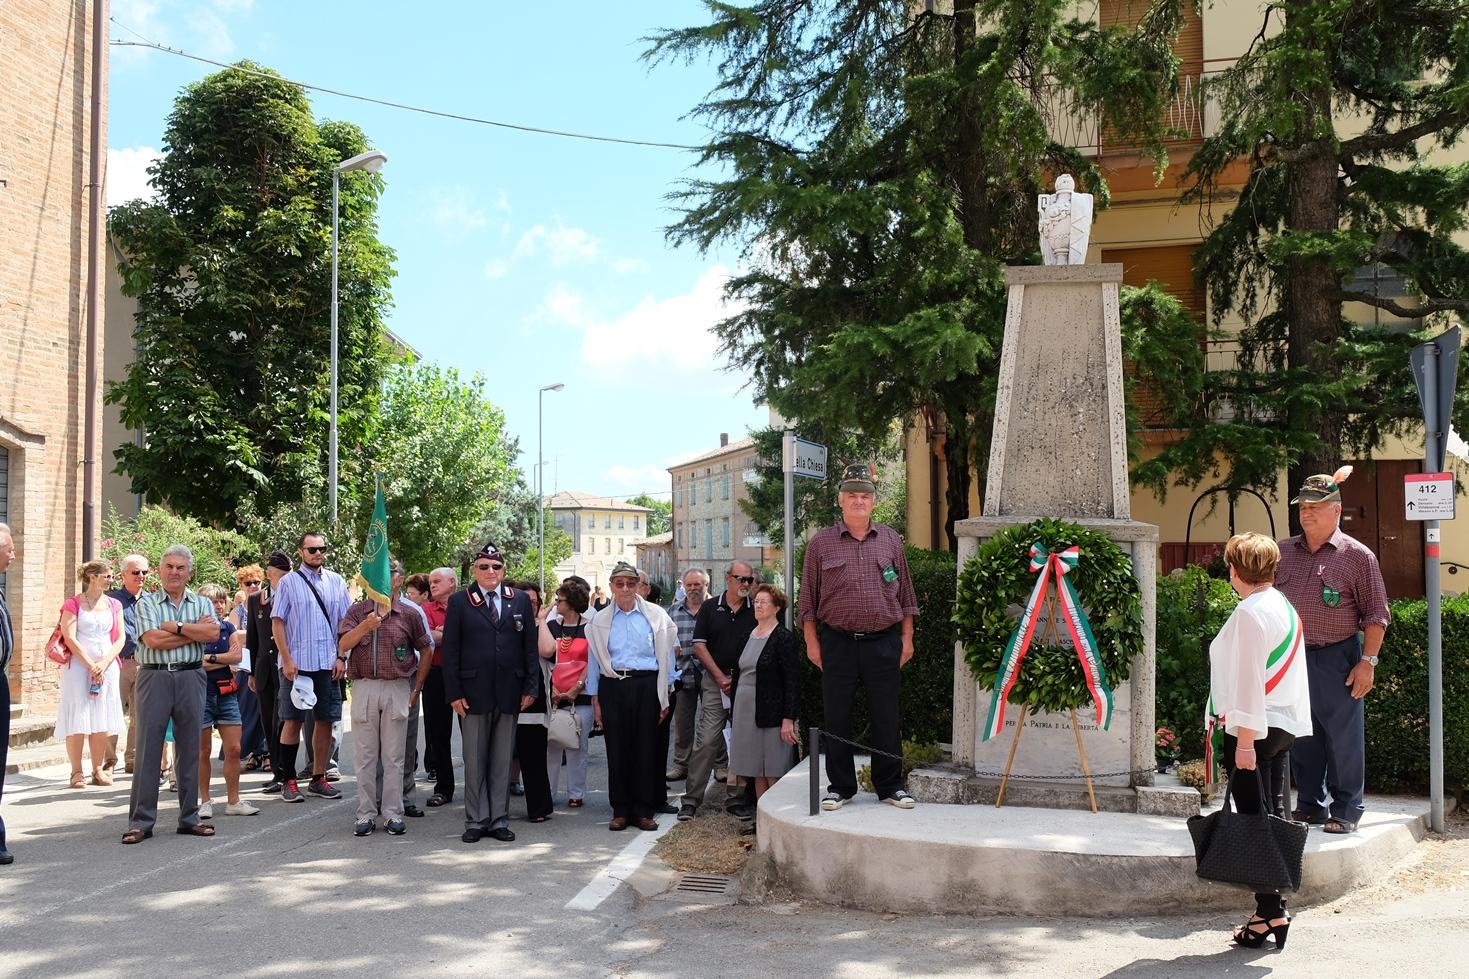 Deposizione di una corona al termine della commemorazione della strage di Ospitaletto (agosto 2016). Foto di Fausto Corsini